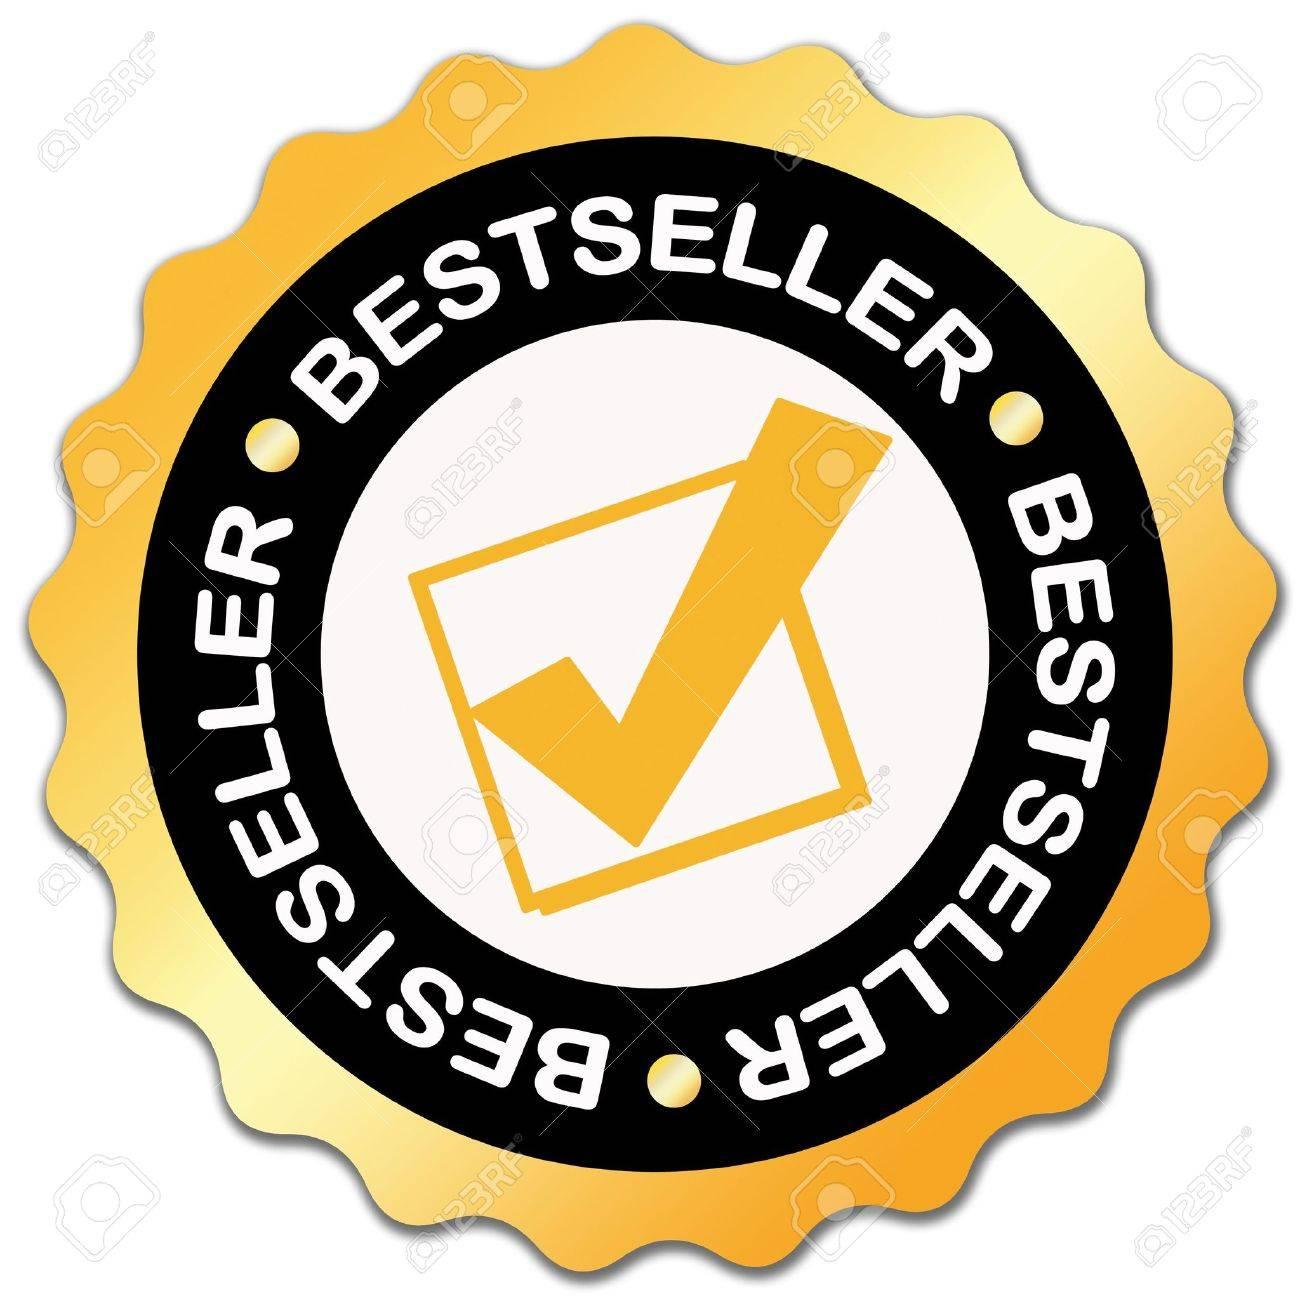 Bestseller golden sticker over white Stock Photo - 6166681